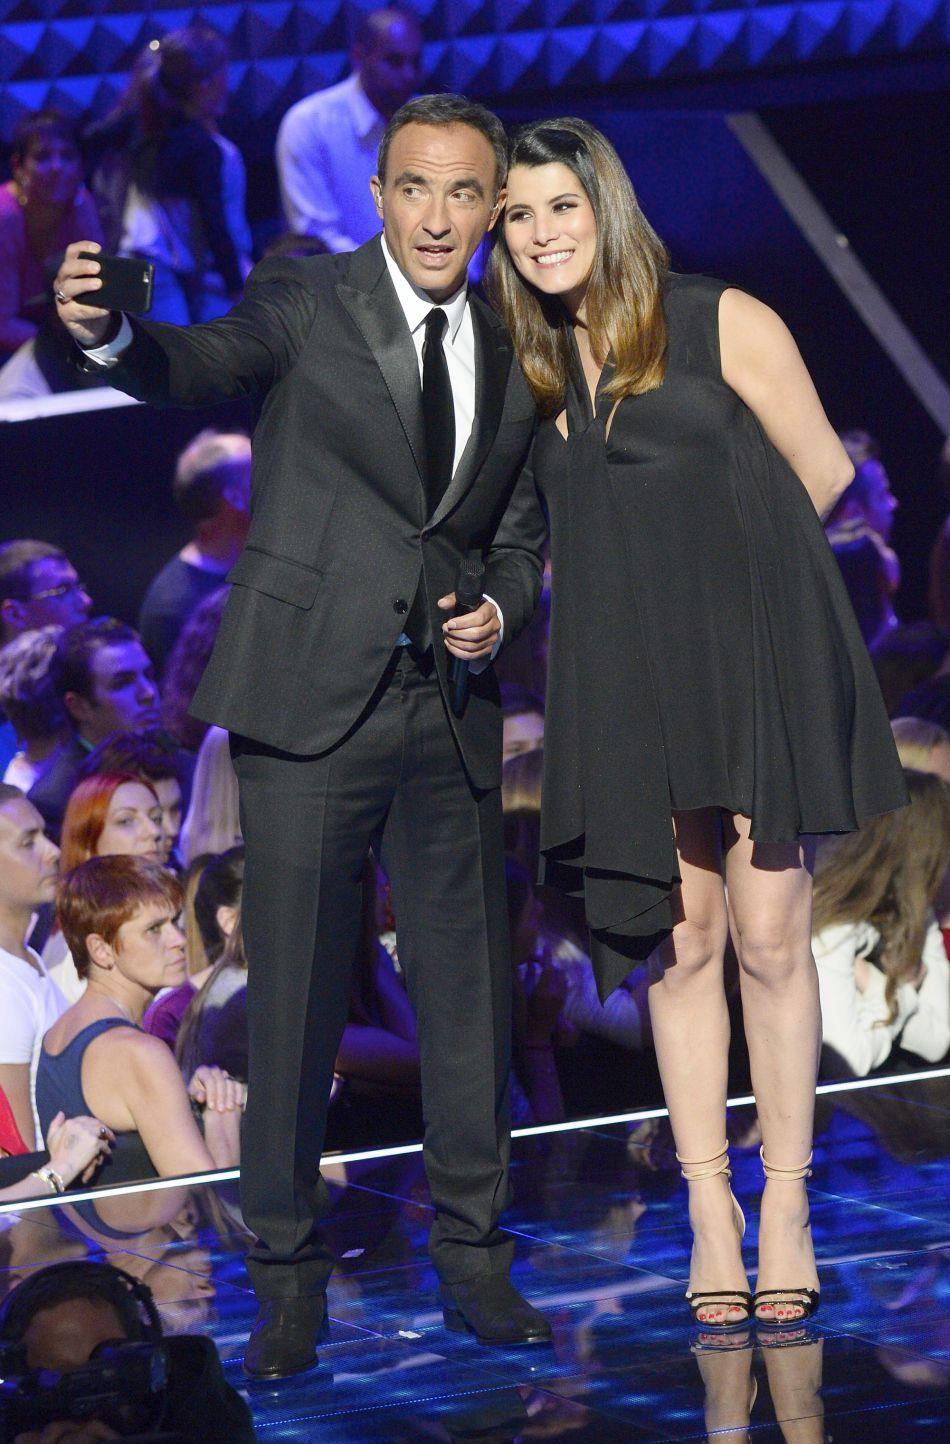 """Alors enceinte, elle a continué à co-présenter """"The Voice"""" avec Nikos Aliagas jusqu'à la fin de la saison !"""